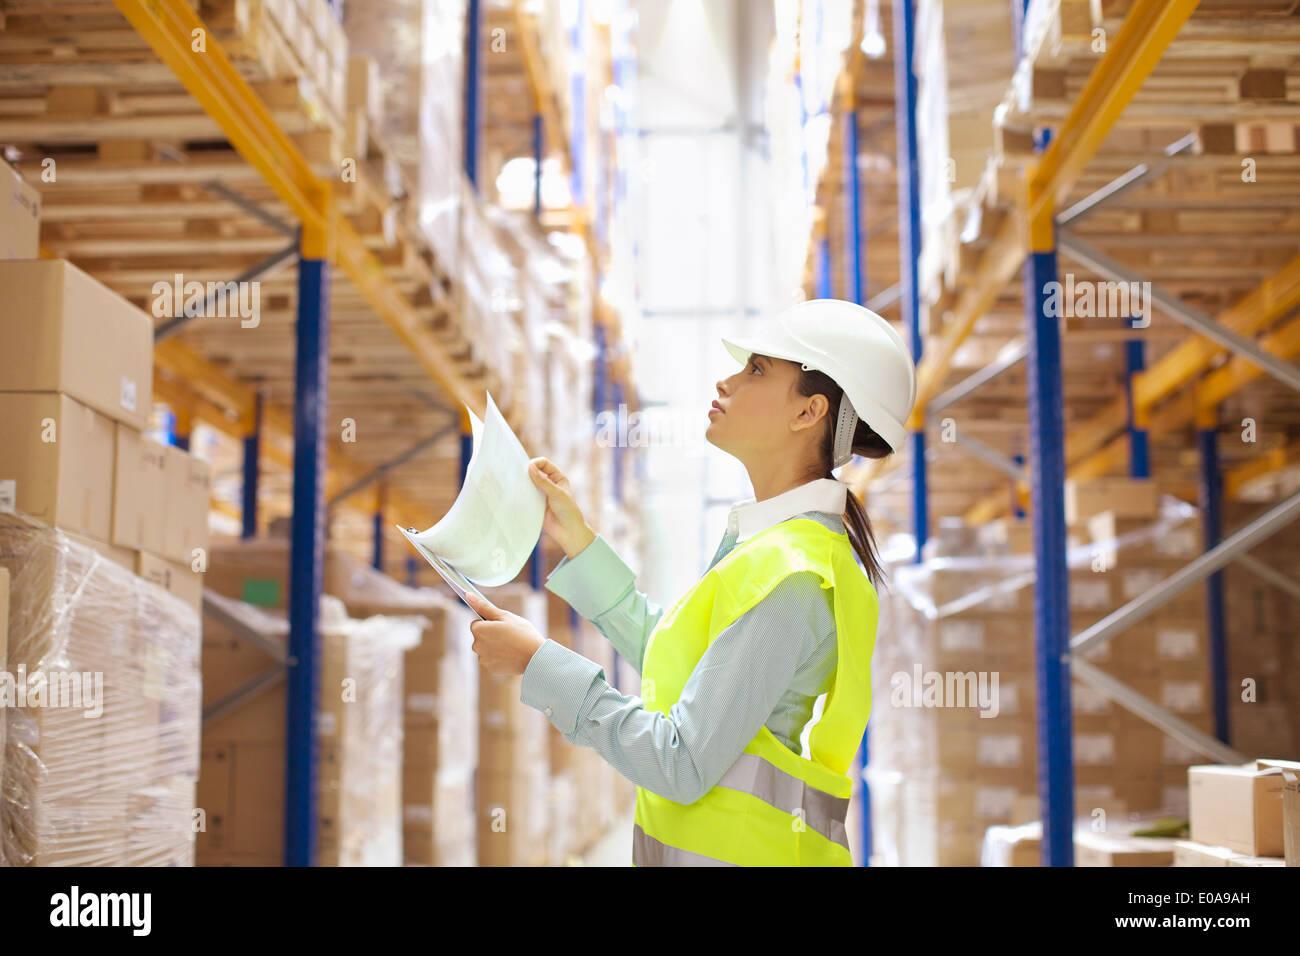 Trabajador de almacén hembra verificando acciones Imagen De Stock